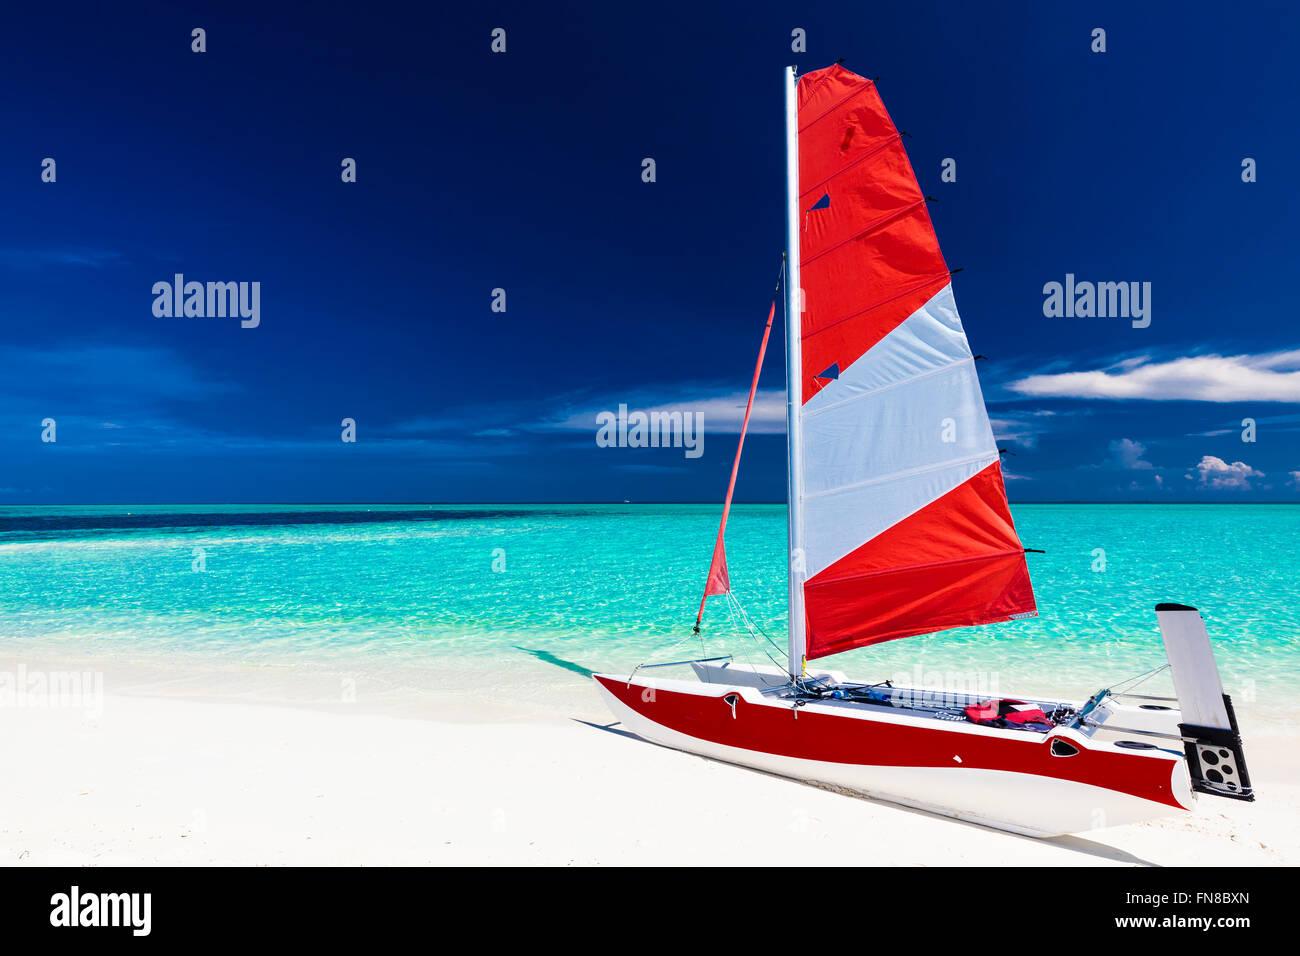 Barca a vela con il red sail su una spiaggia deserta di isola tropicale con poco profonde acque blu Immagini Stock